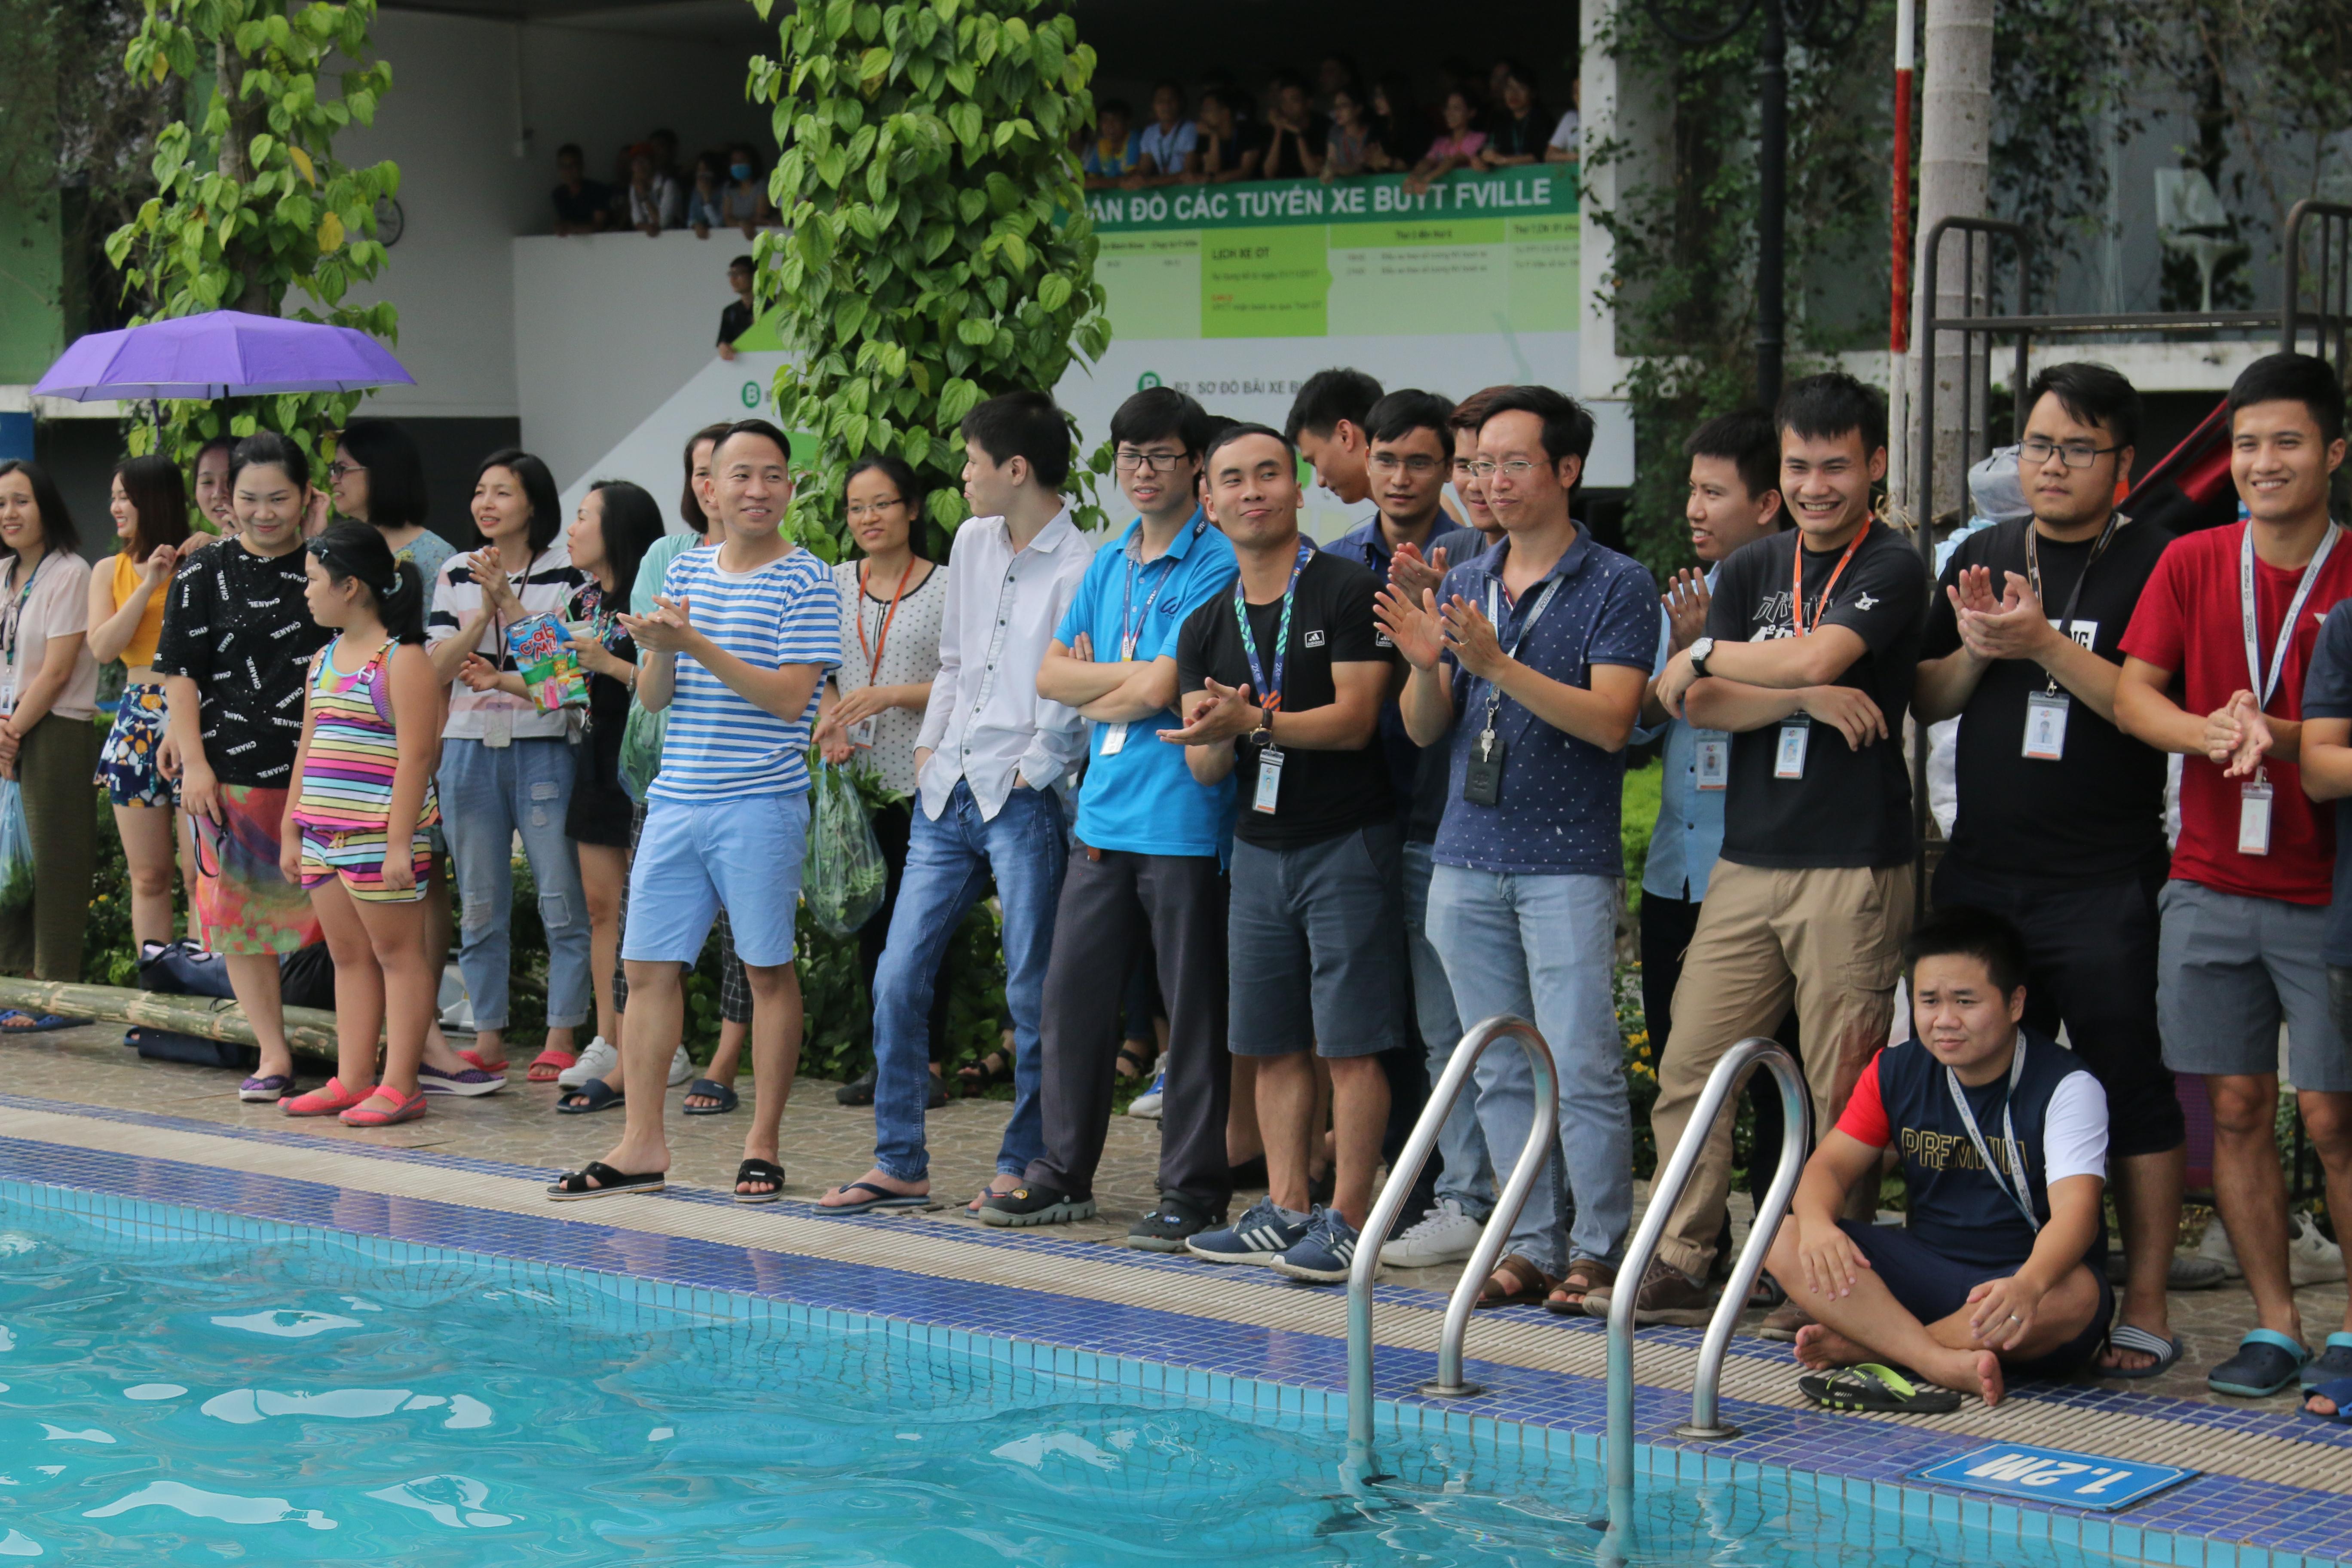 Cuộc thi không thể thiếu những khán giả cuồng nhiệt và cổ vũ cho 'gà nhà'.